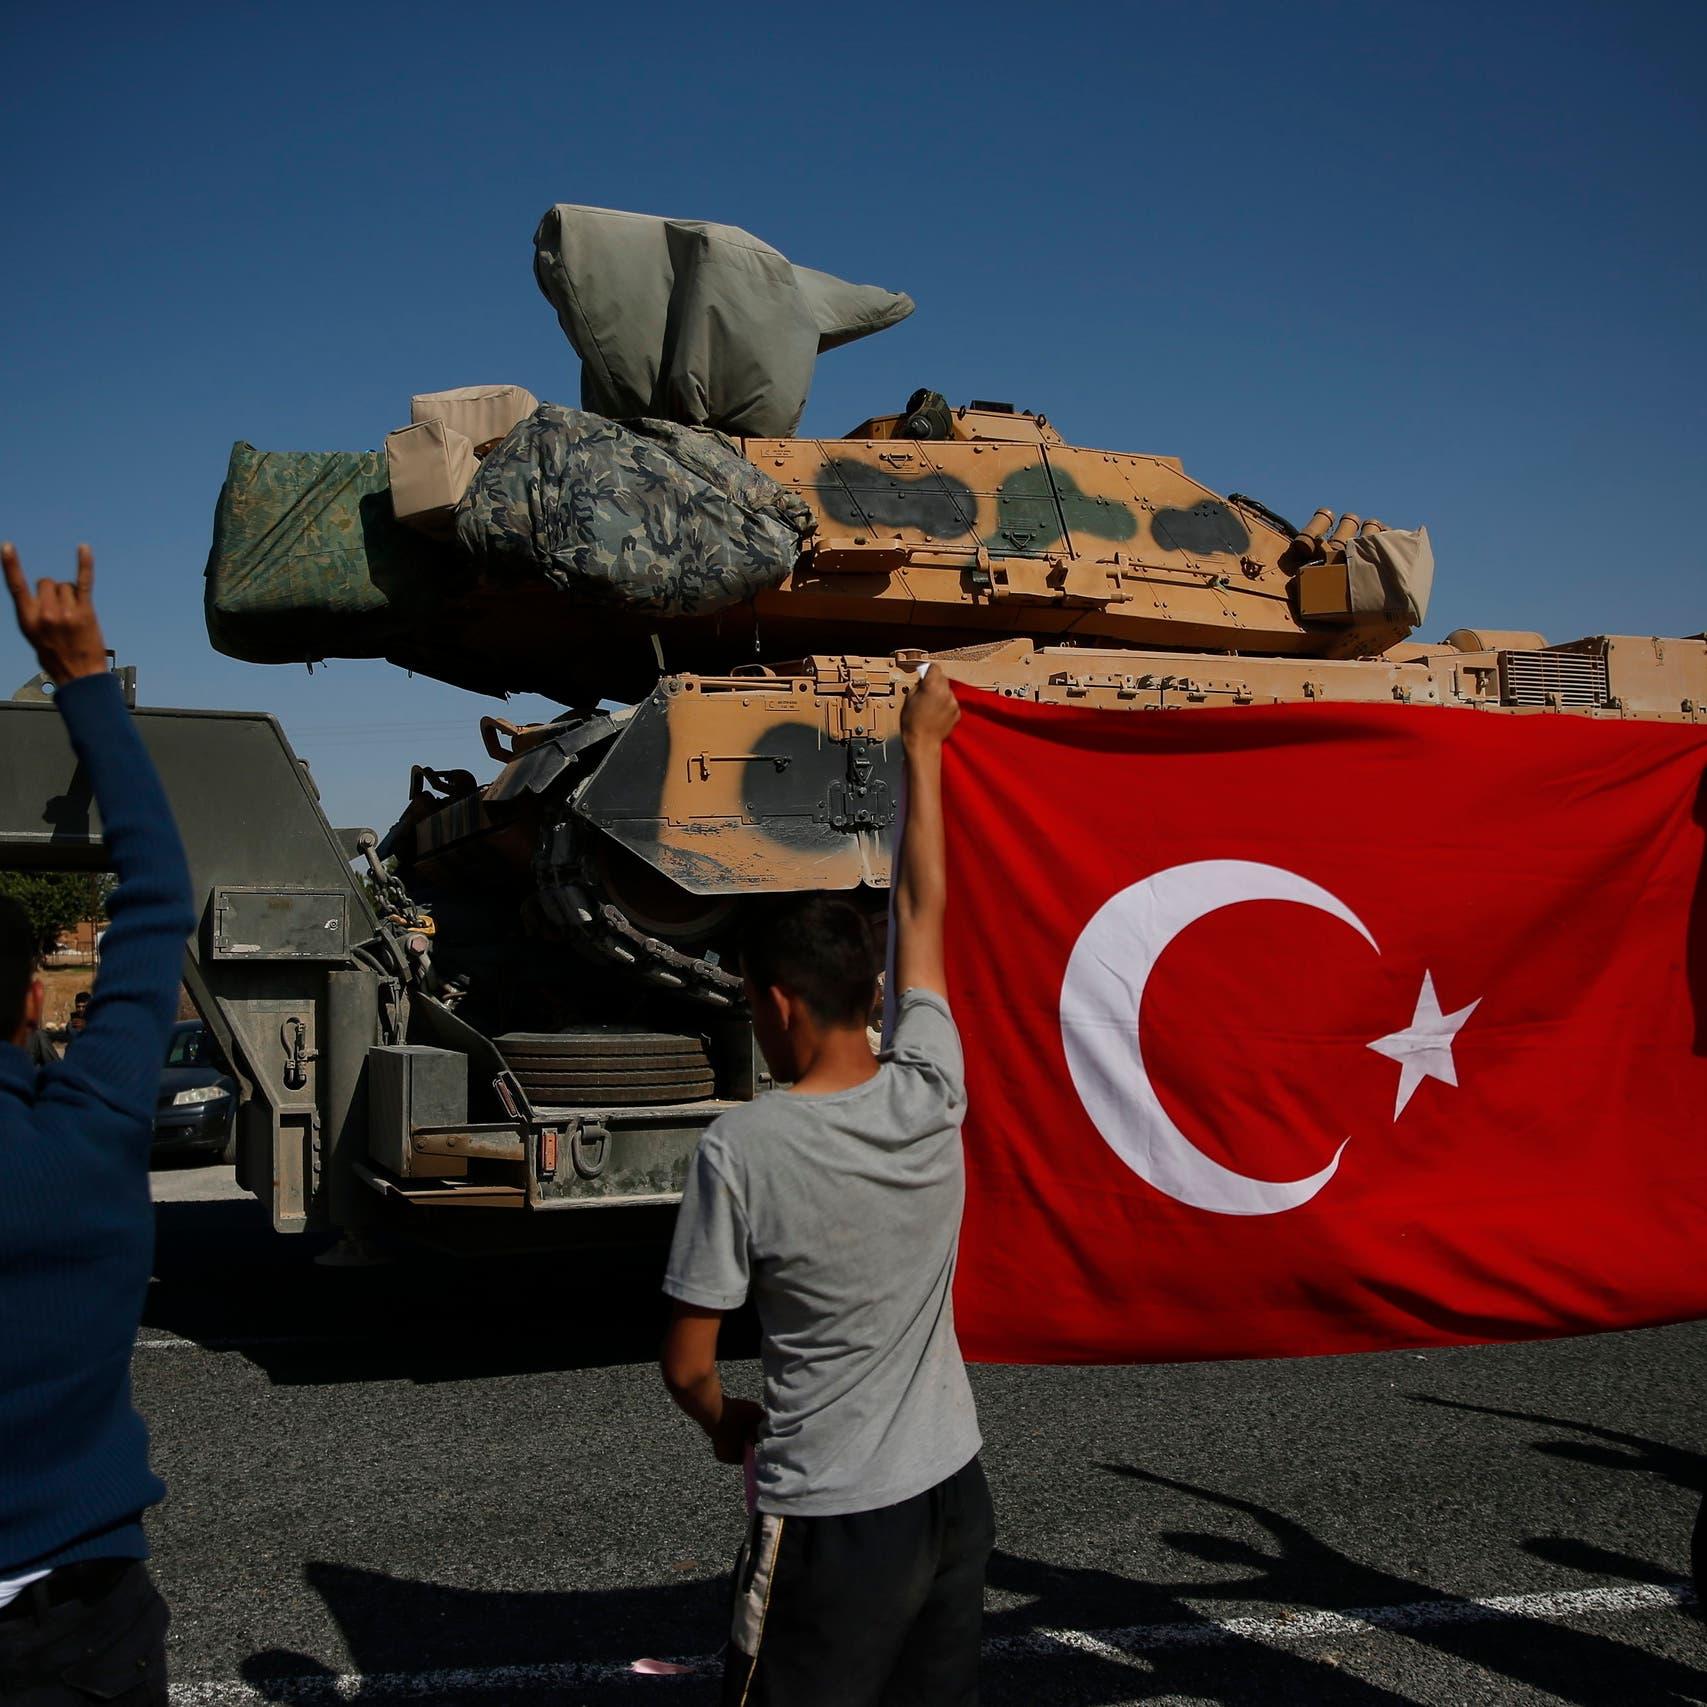 بلومبيرغ: واشنطن تتجه لفرض عقوبات اليوم على تركيا